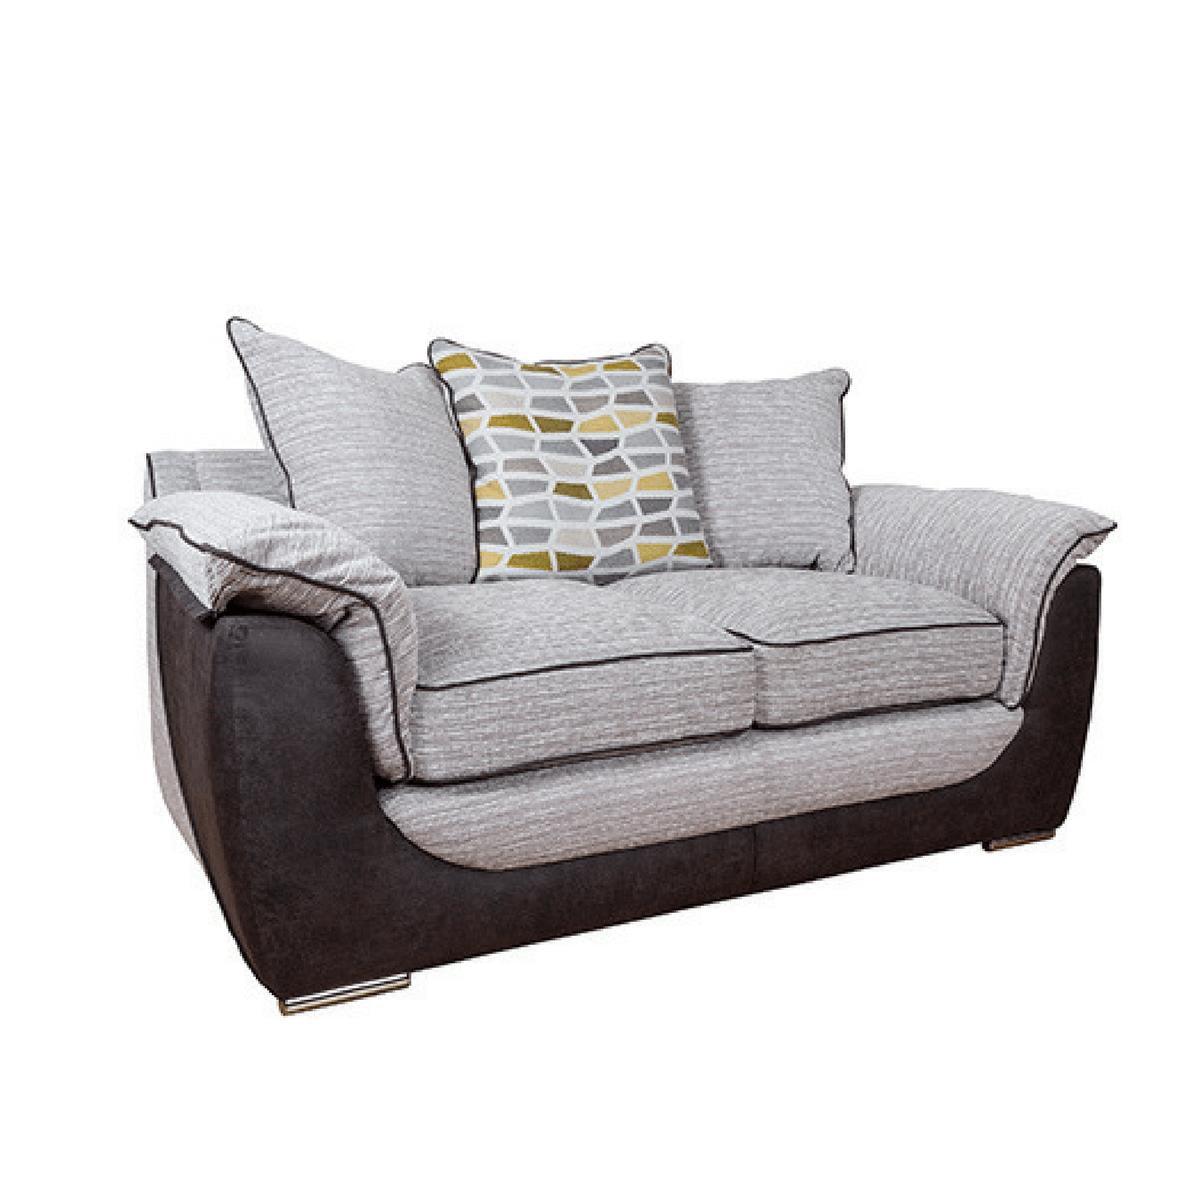 Dalia 2 Seater